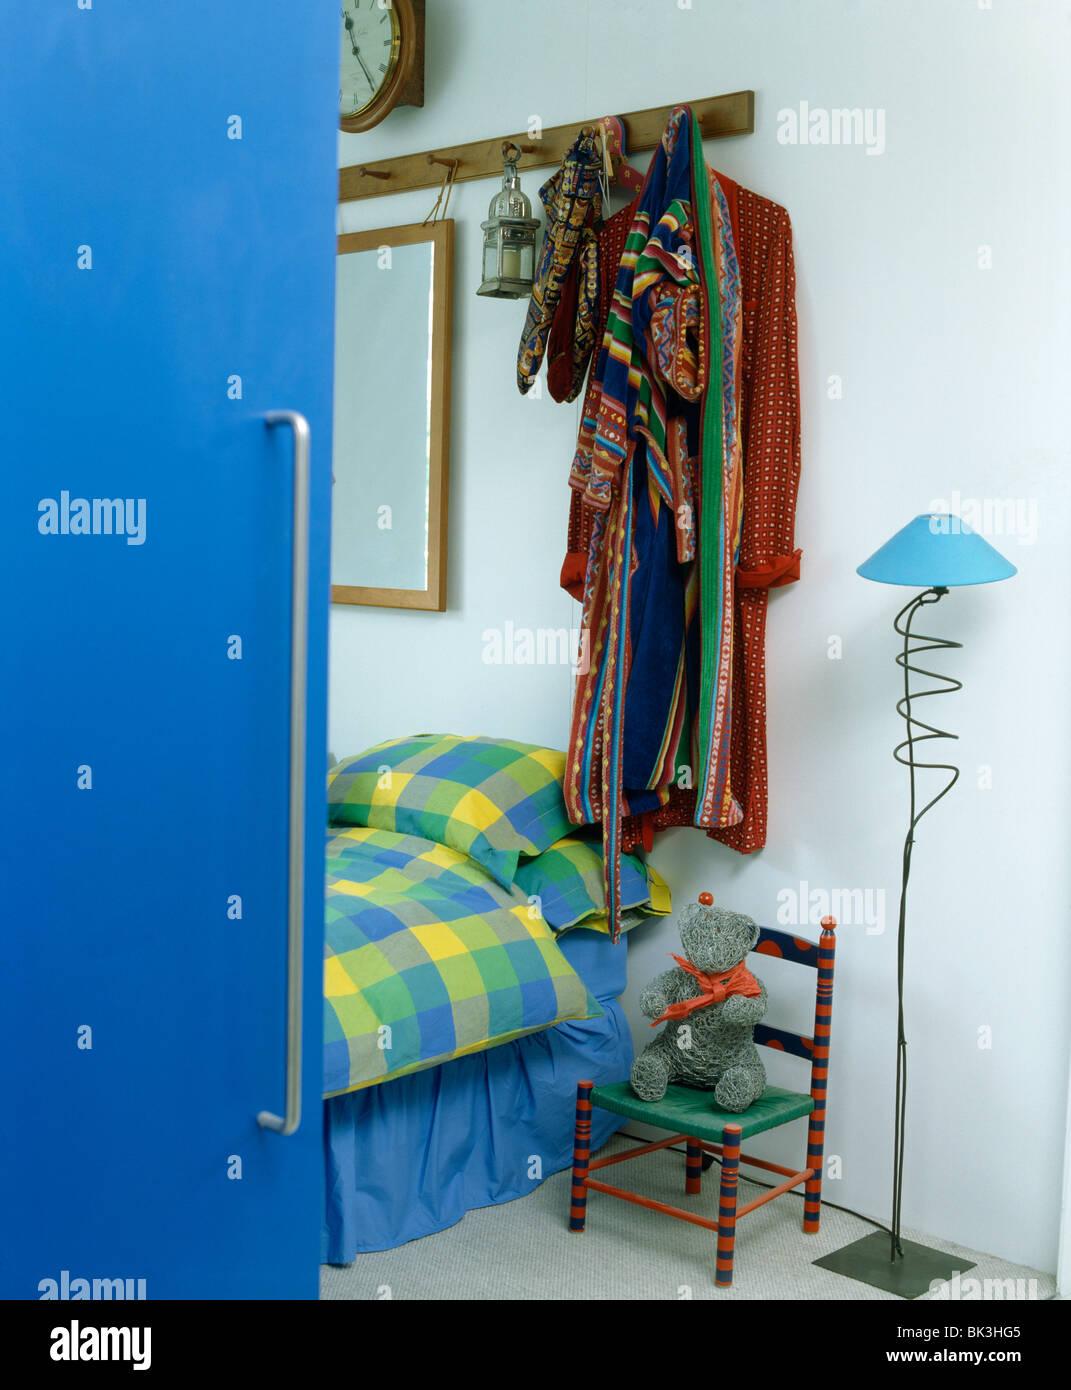 Helle Blaue Tür Offen Für Moderne Schlafzimmer Mit Wäscheklammer Schiene  über Bett Mit Blau + Gelb Aufgegebenes Kissen Und Bettdecke